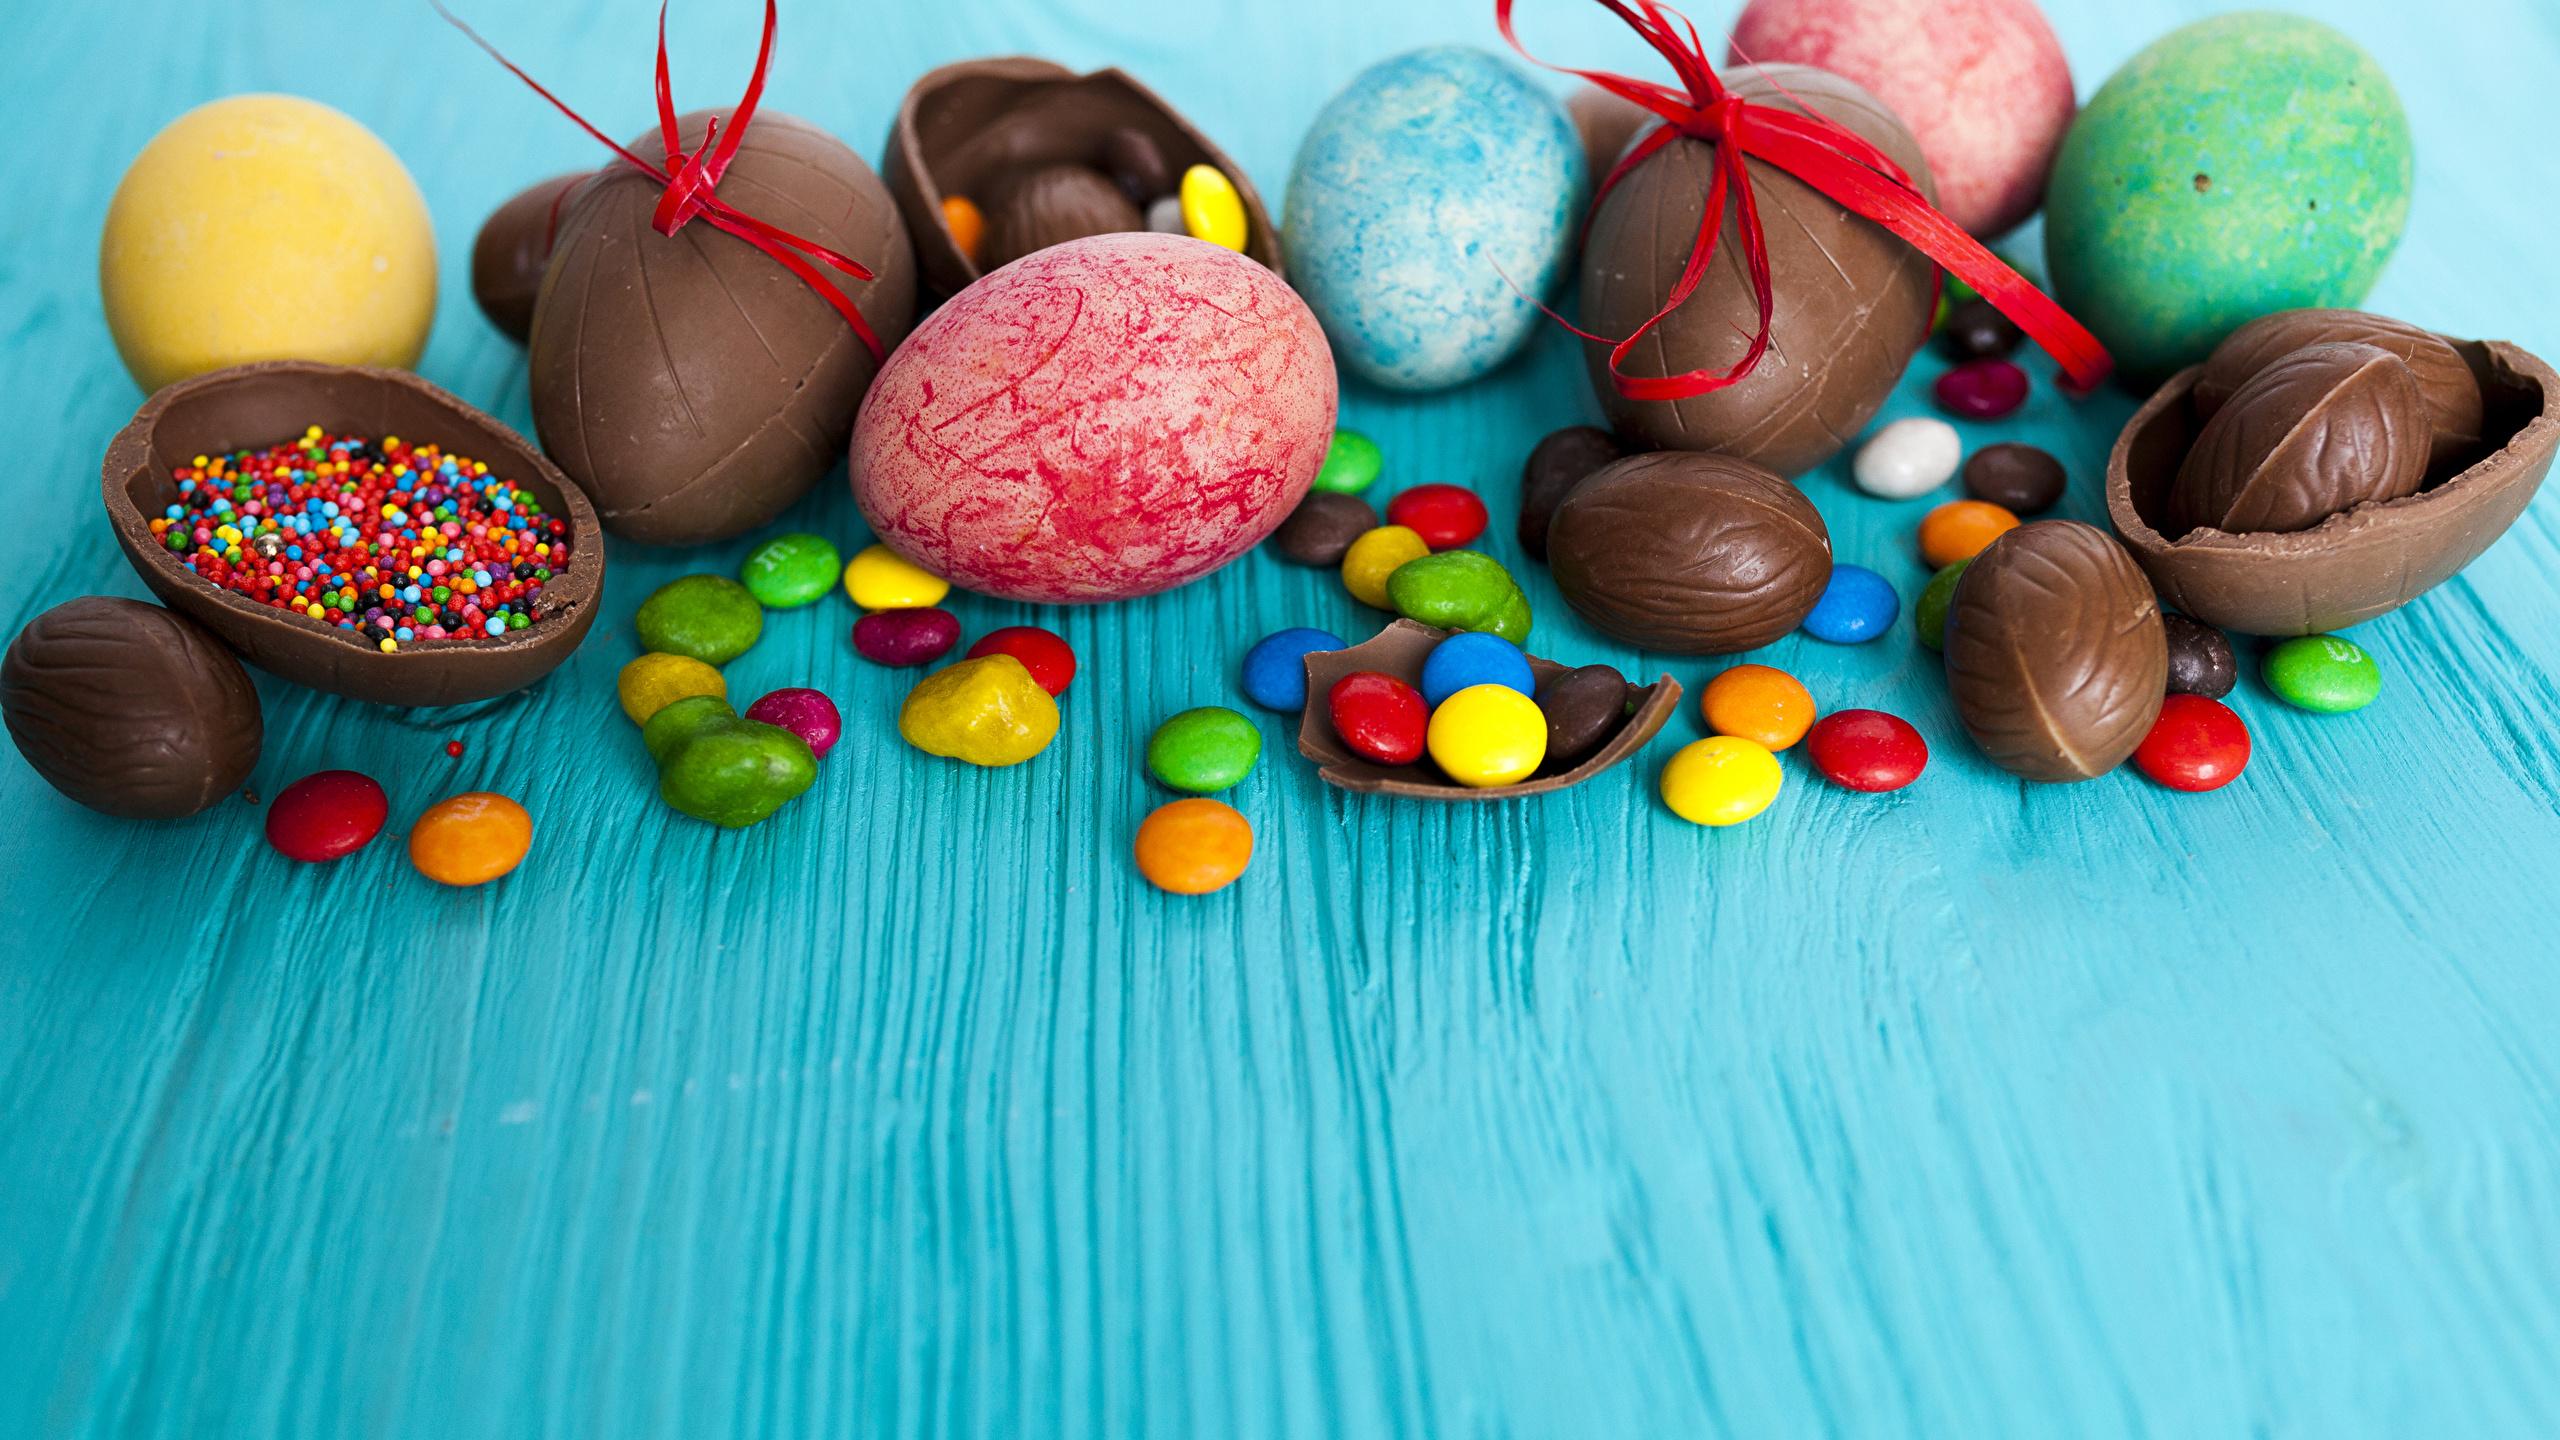 Фото Пасха Яйца Шоколад Конфеты Пища Сладости 2560x1440 Еда Продукты питания